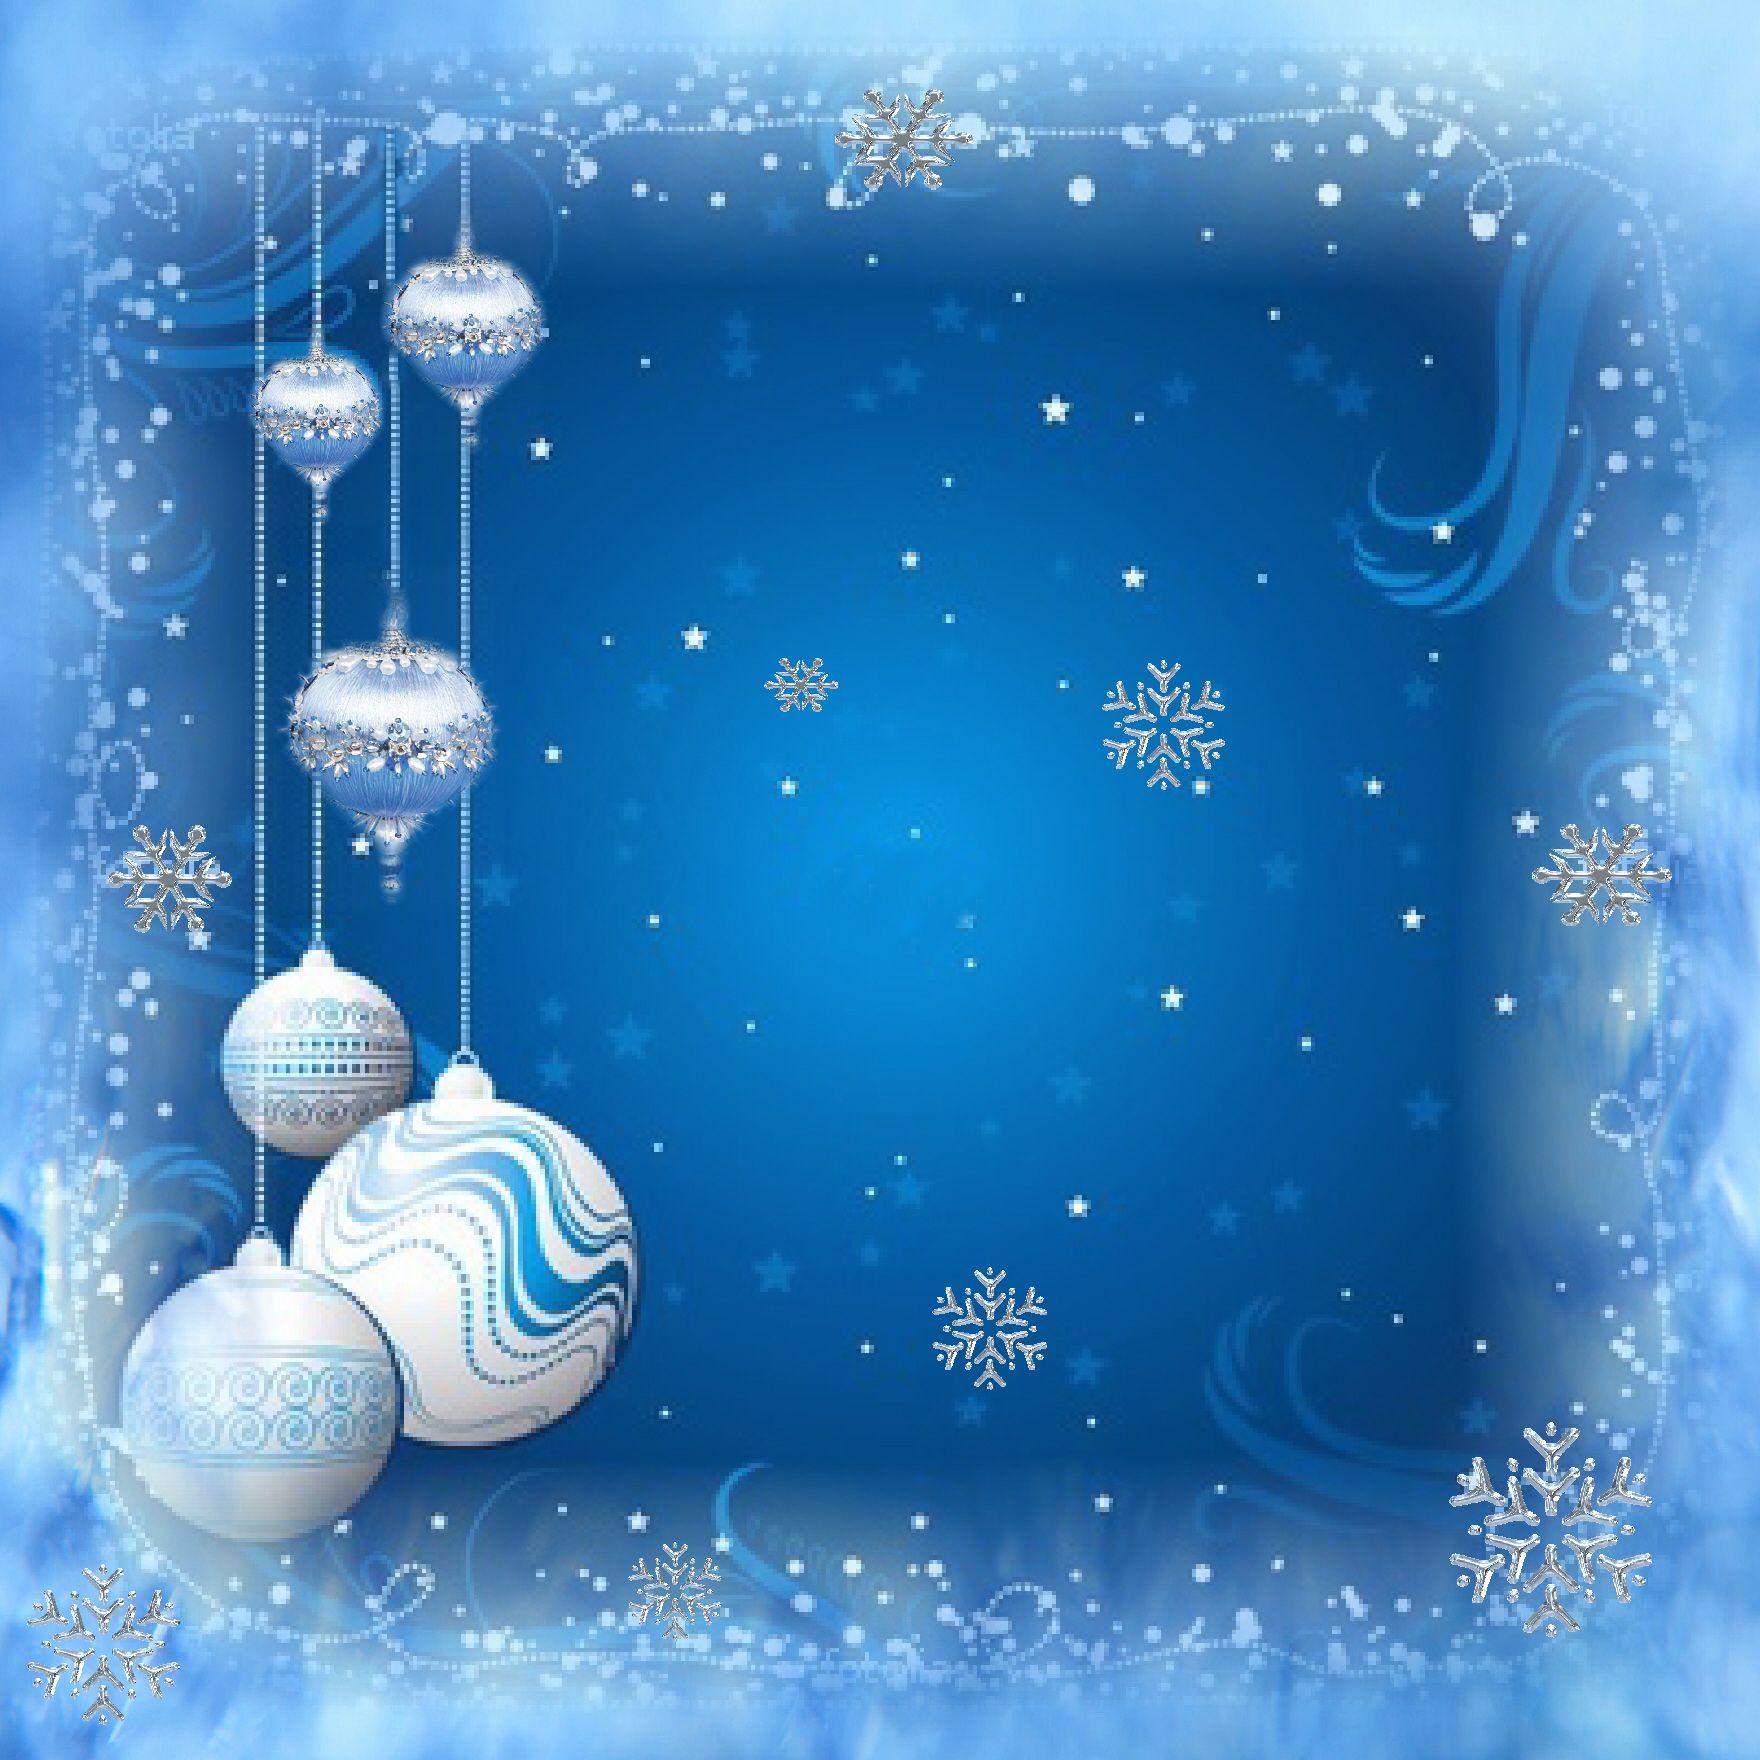 Фон в открытку новогодний, паперклея